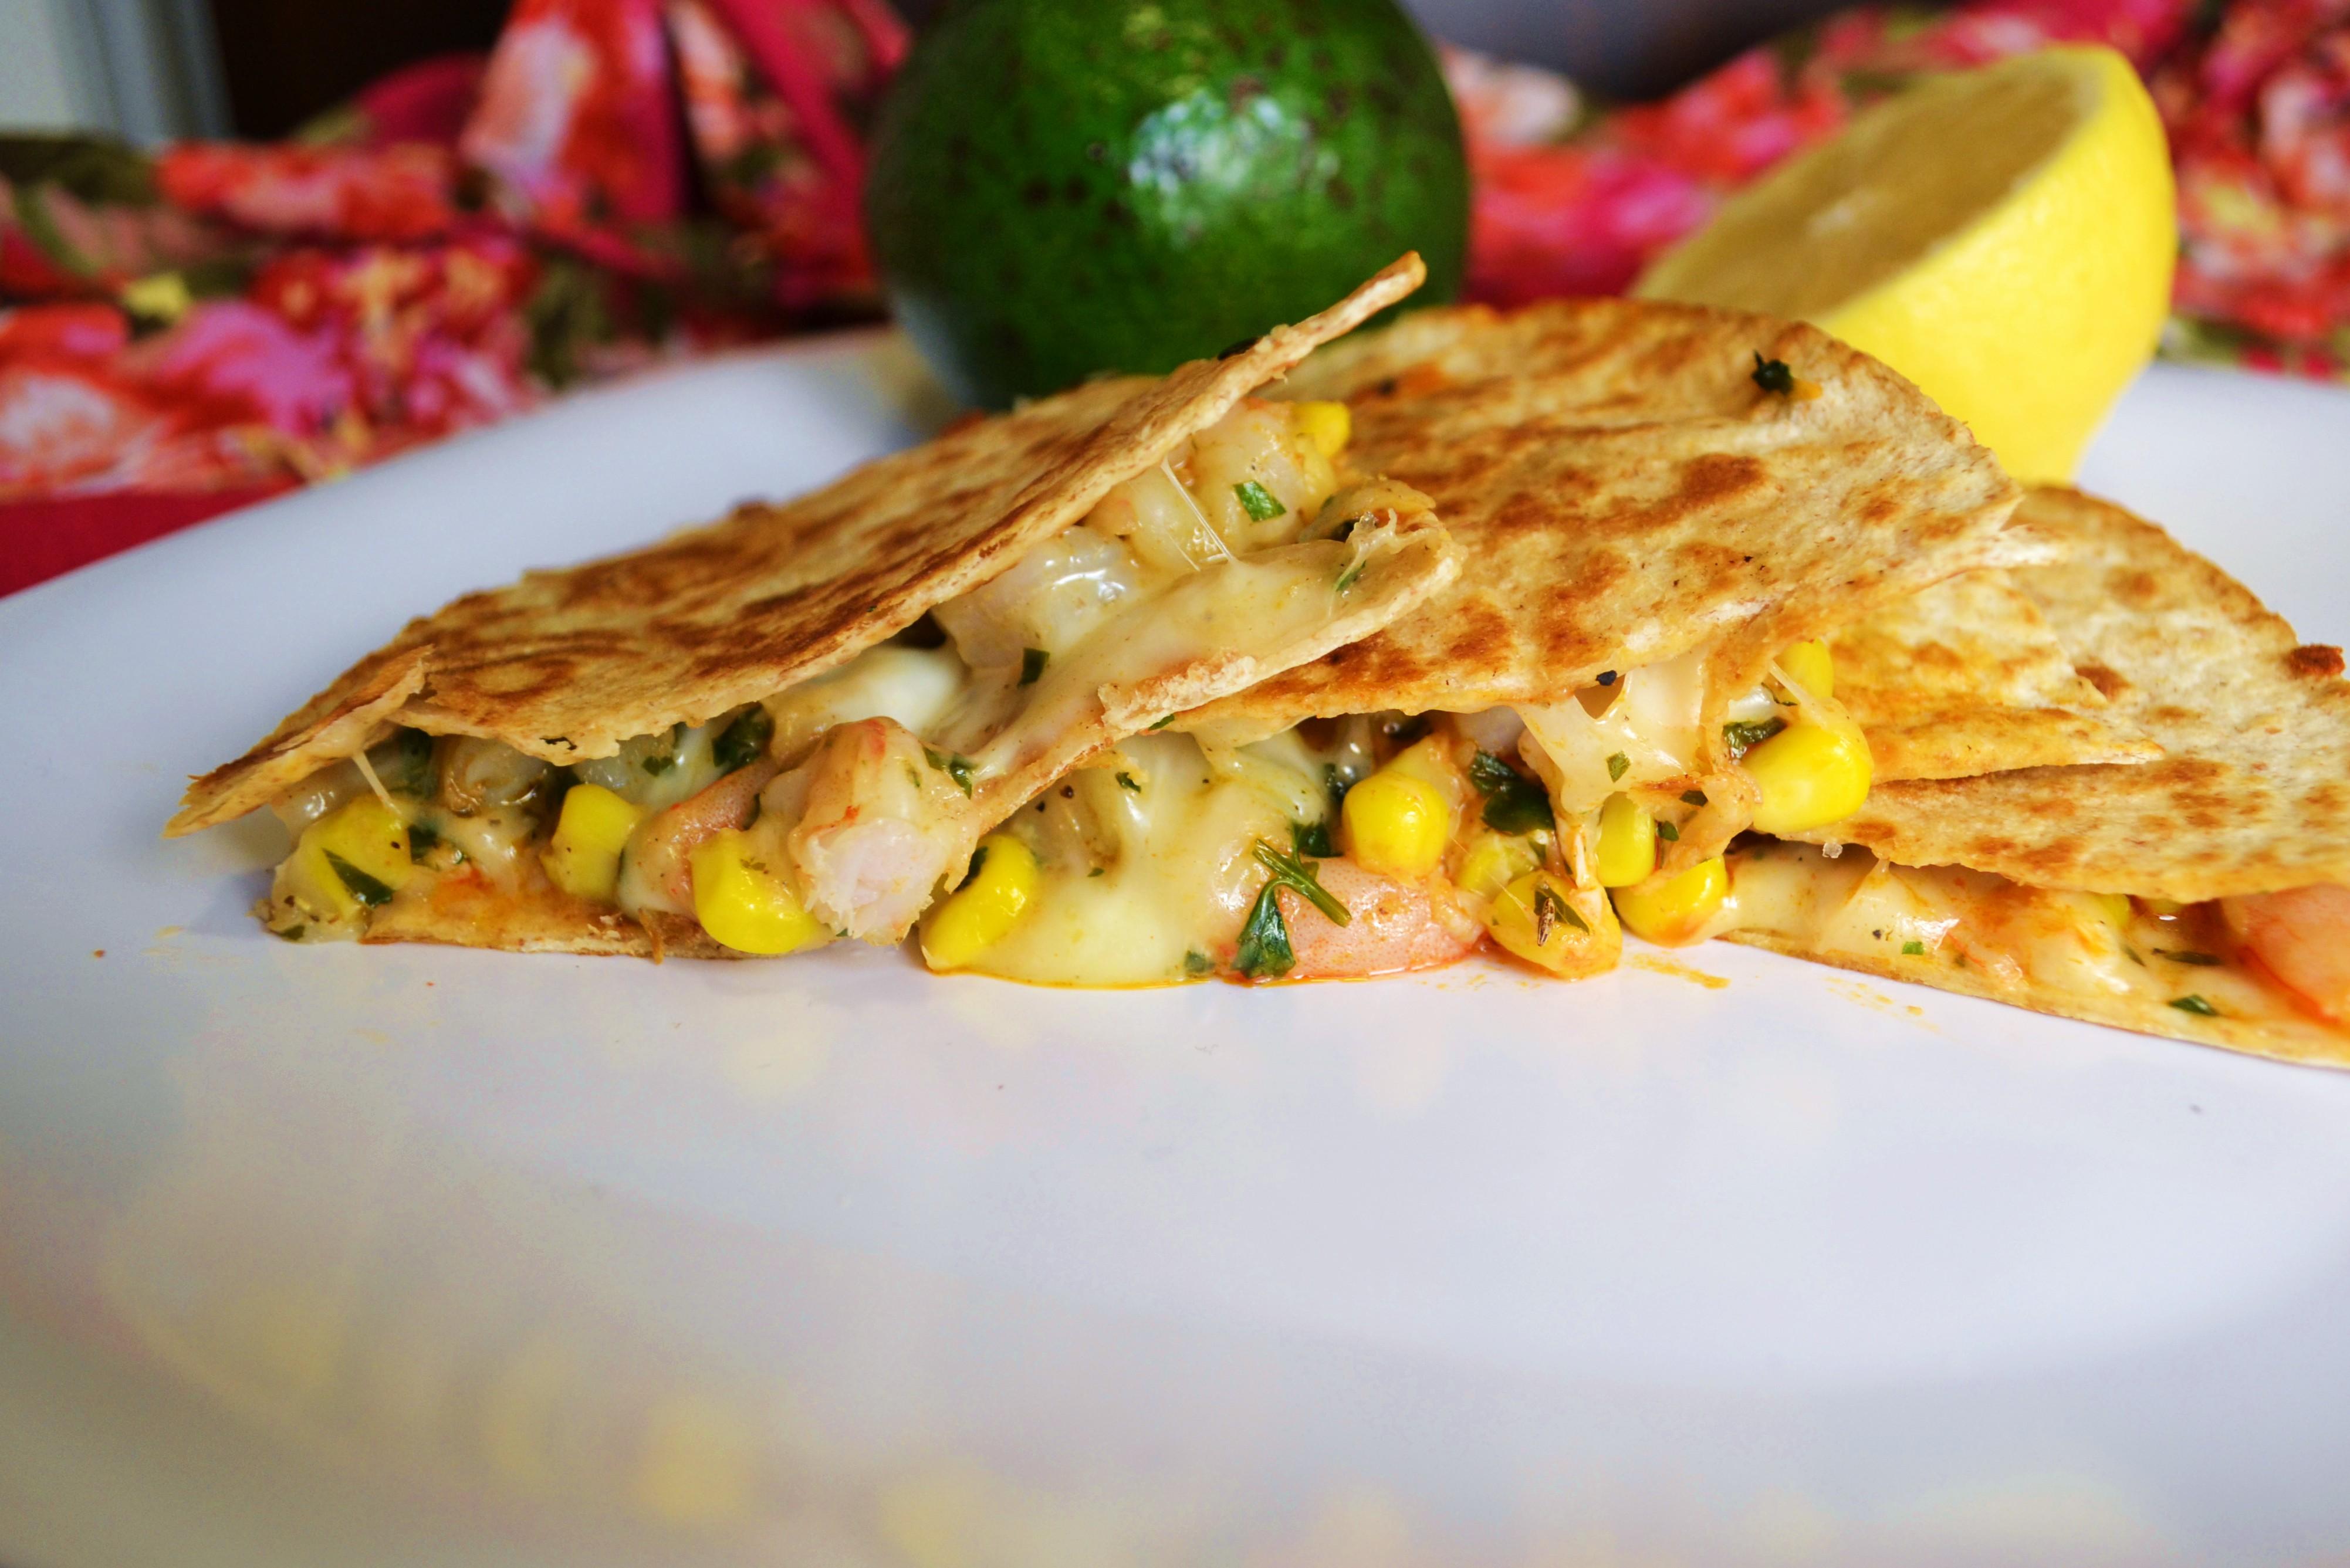 Shrimp Quesadilla Images & Pictures - Becuo